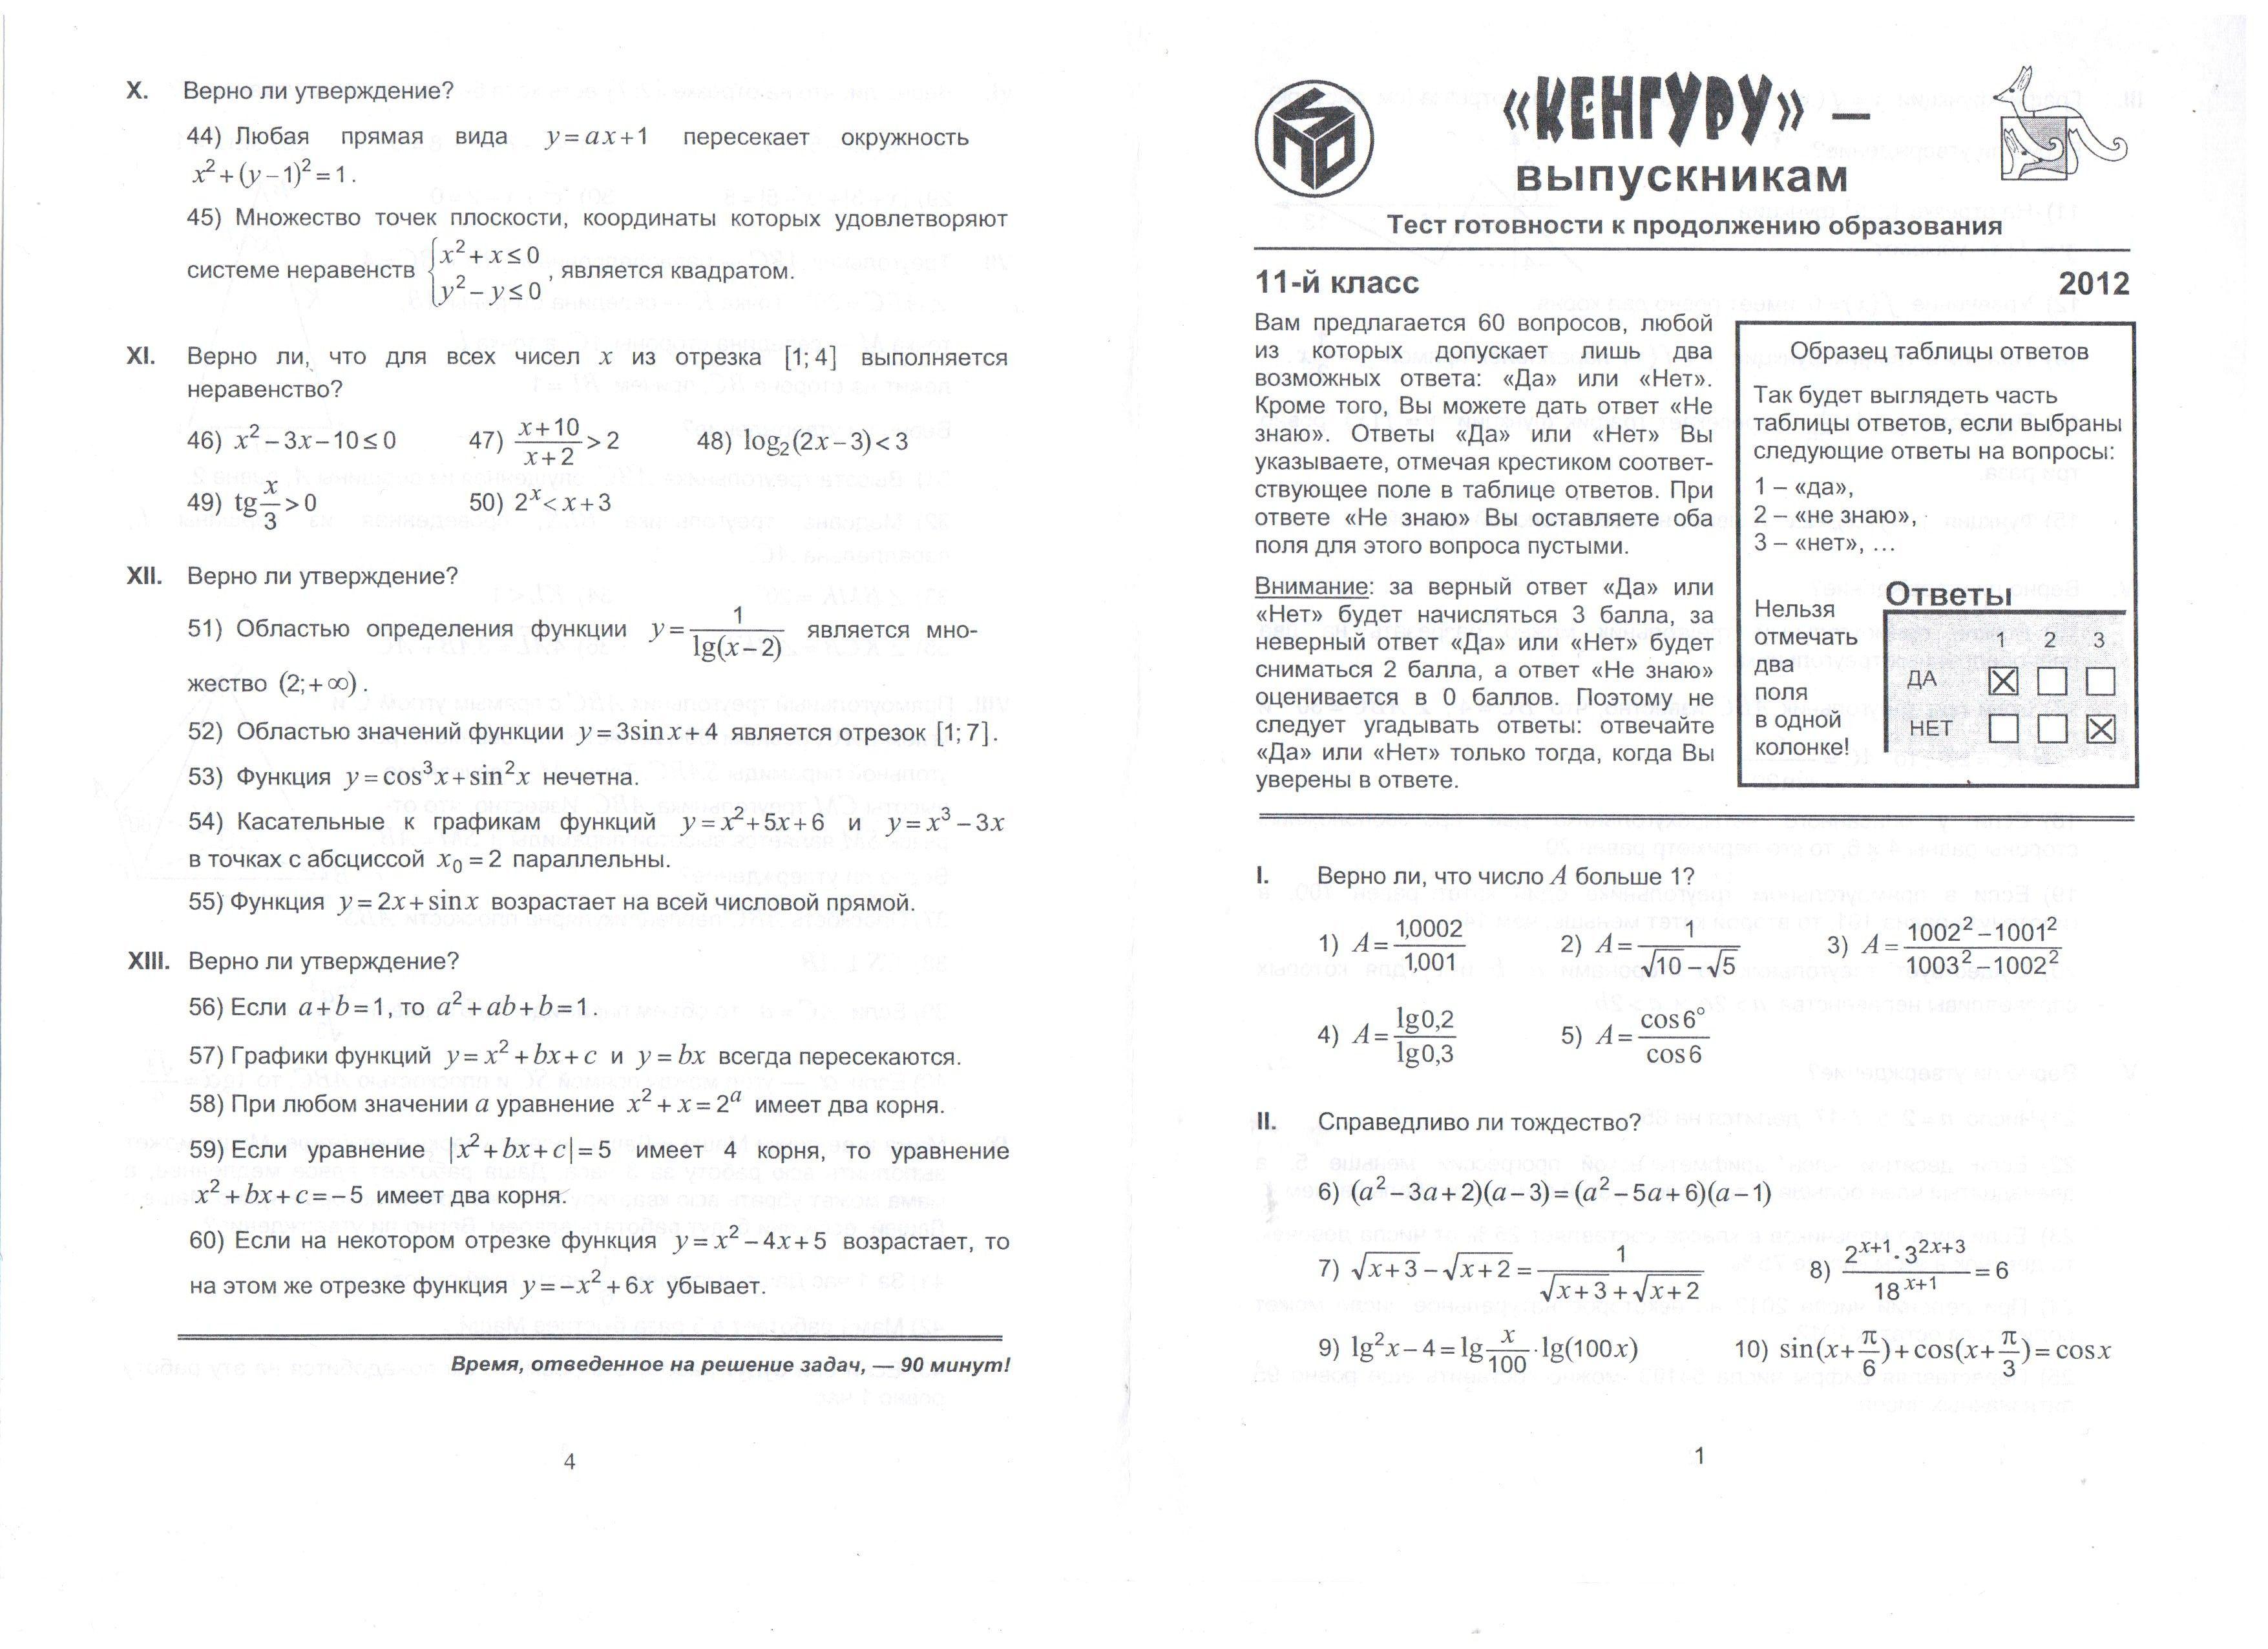 Гдз 6 класс по украинский язык учебник горошкина никитина попова моя домашка